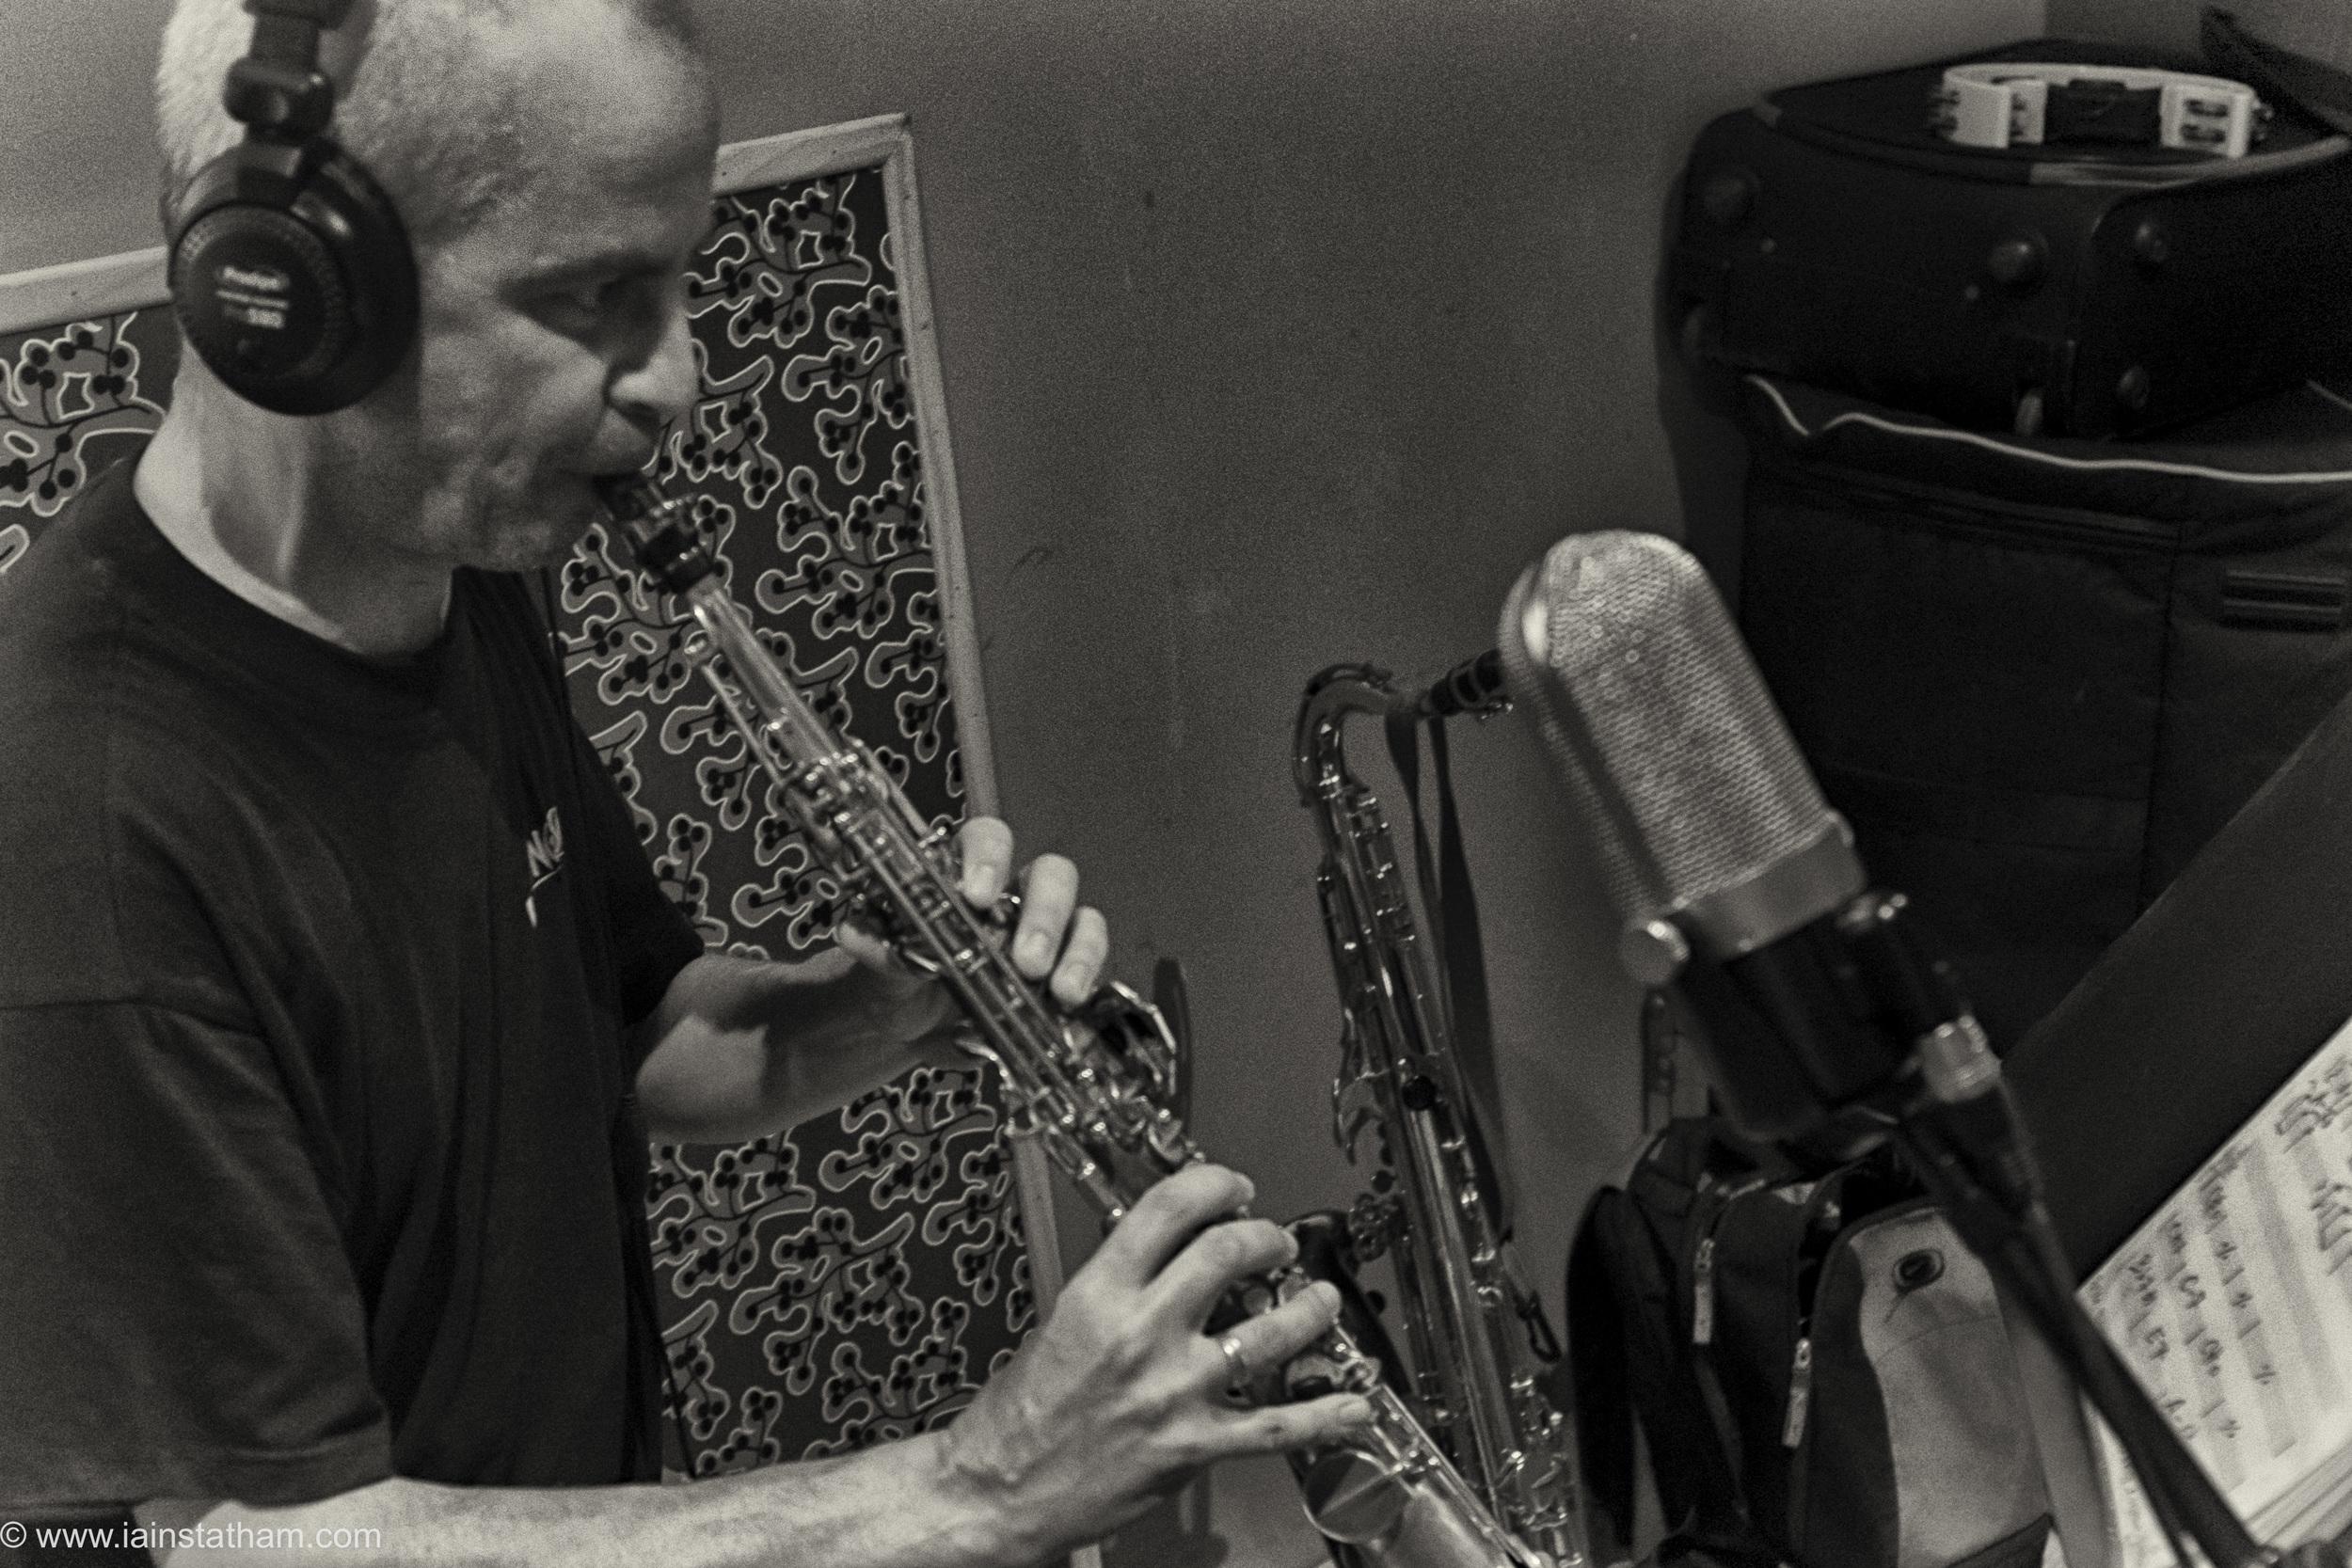 fr - music - mahognay - studio - bw - august 15-17.jpg